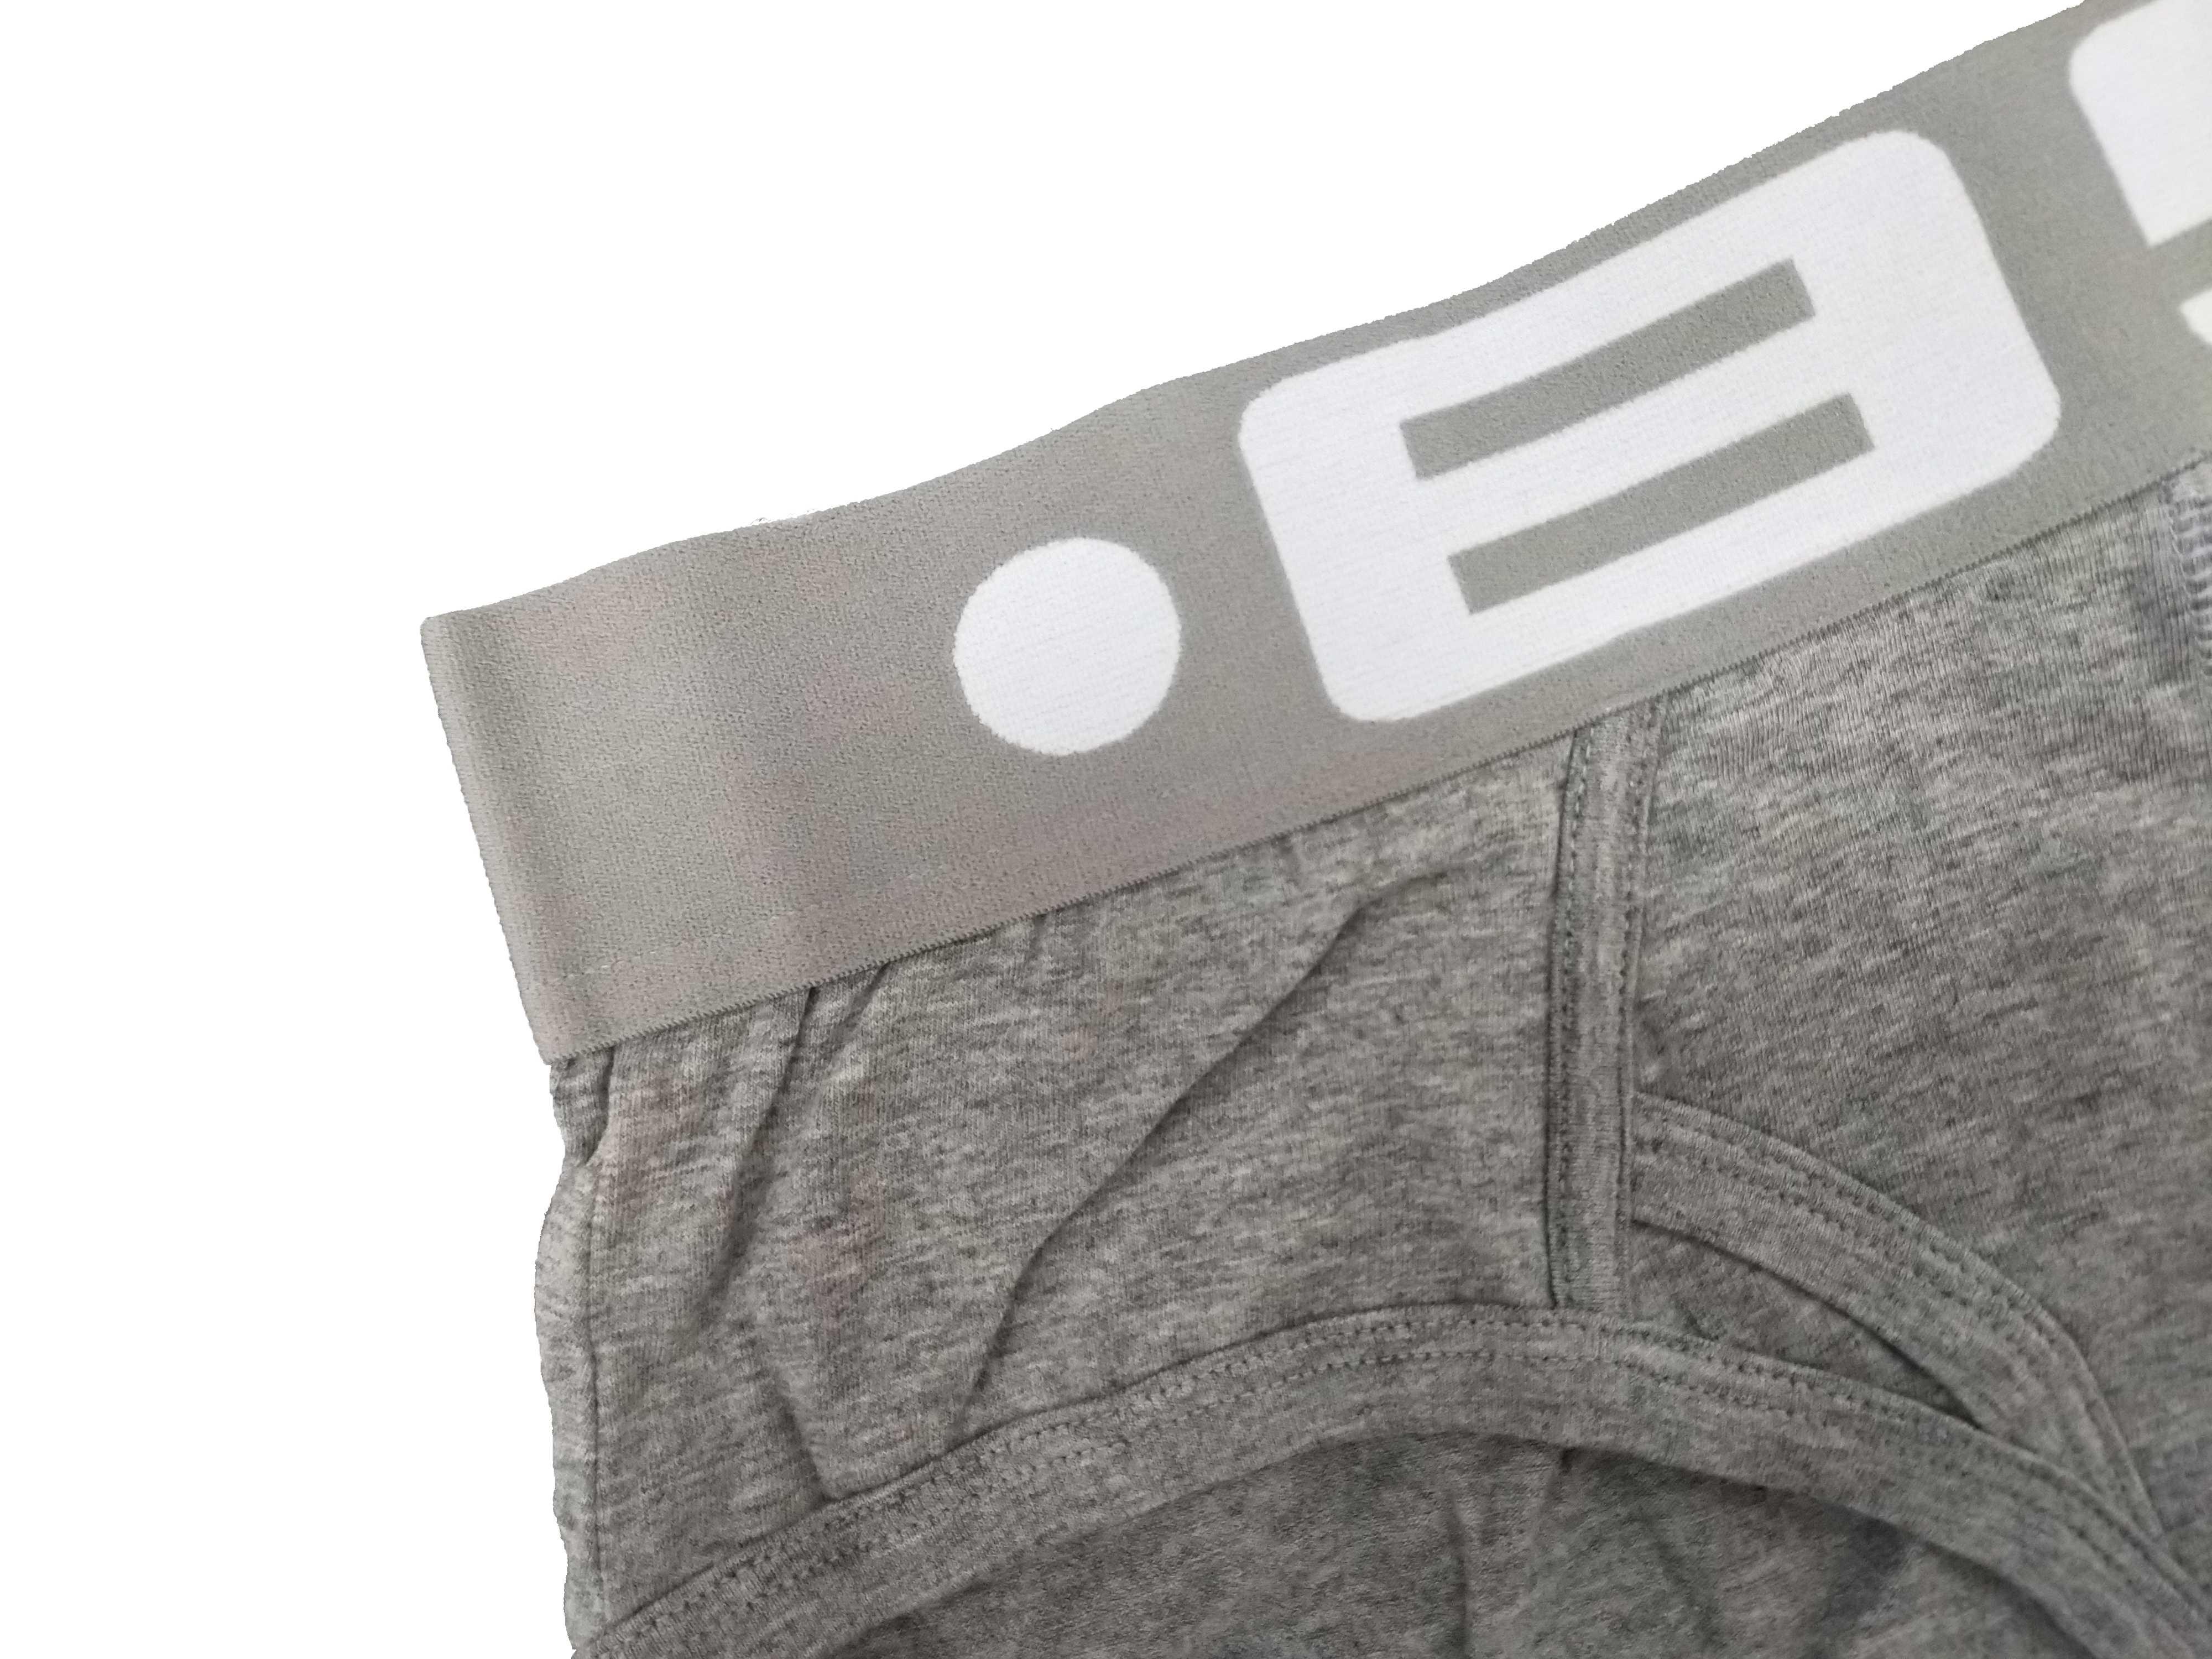 Neue Baumwolle Weiche Mens Briefs Unterwäsche Shorts sissy Brief Herren Höschen Sexy Homosexuell Männer Unterwäsche Bikini Männer Briefs Srting Mann BS102